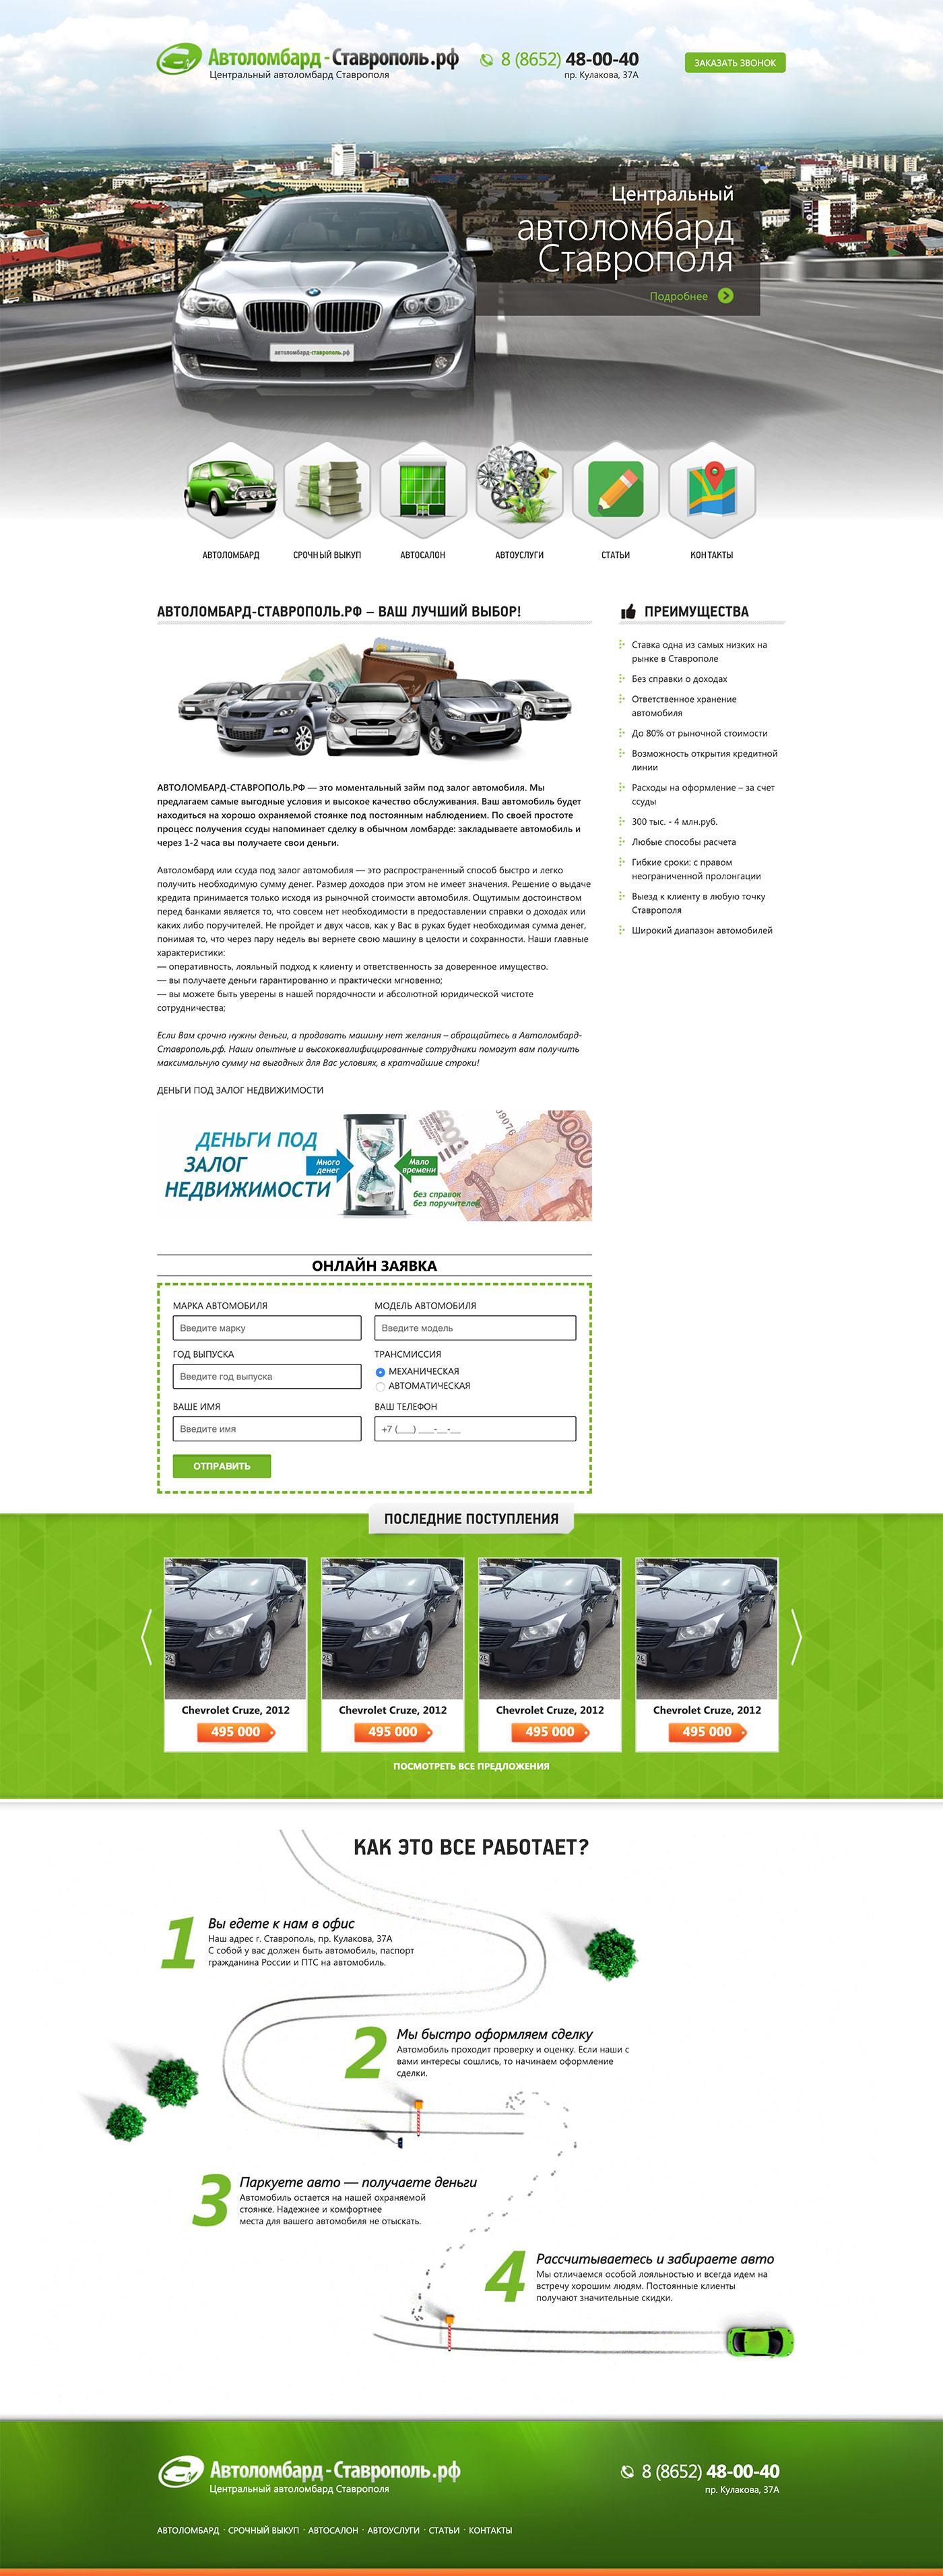 Сайт центрального автоломбарда в Ставрополе